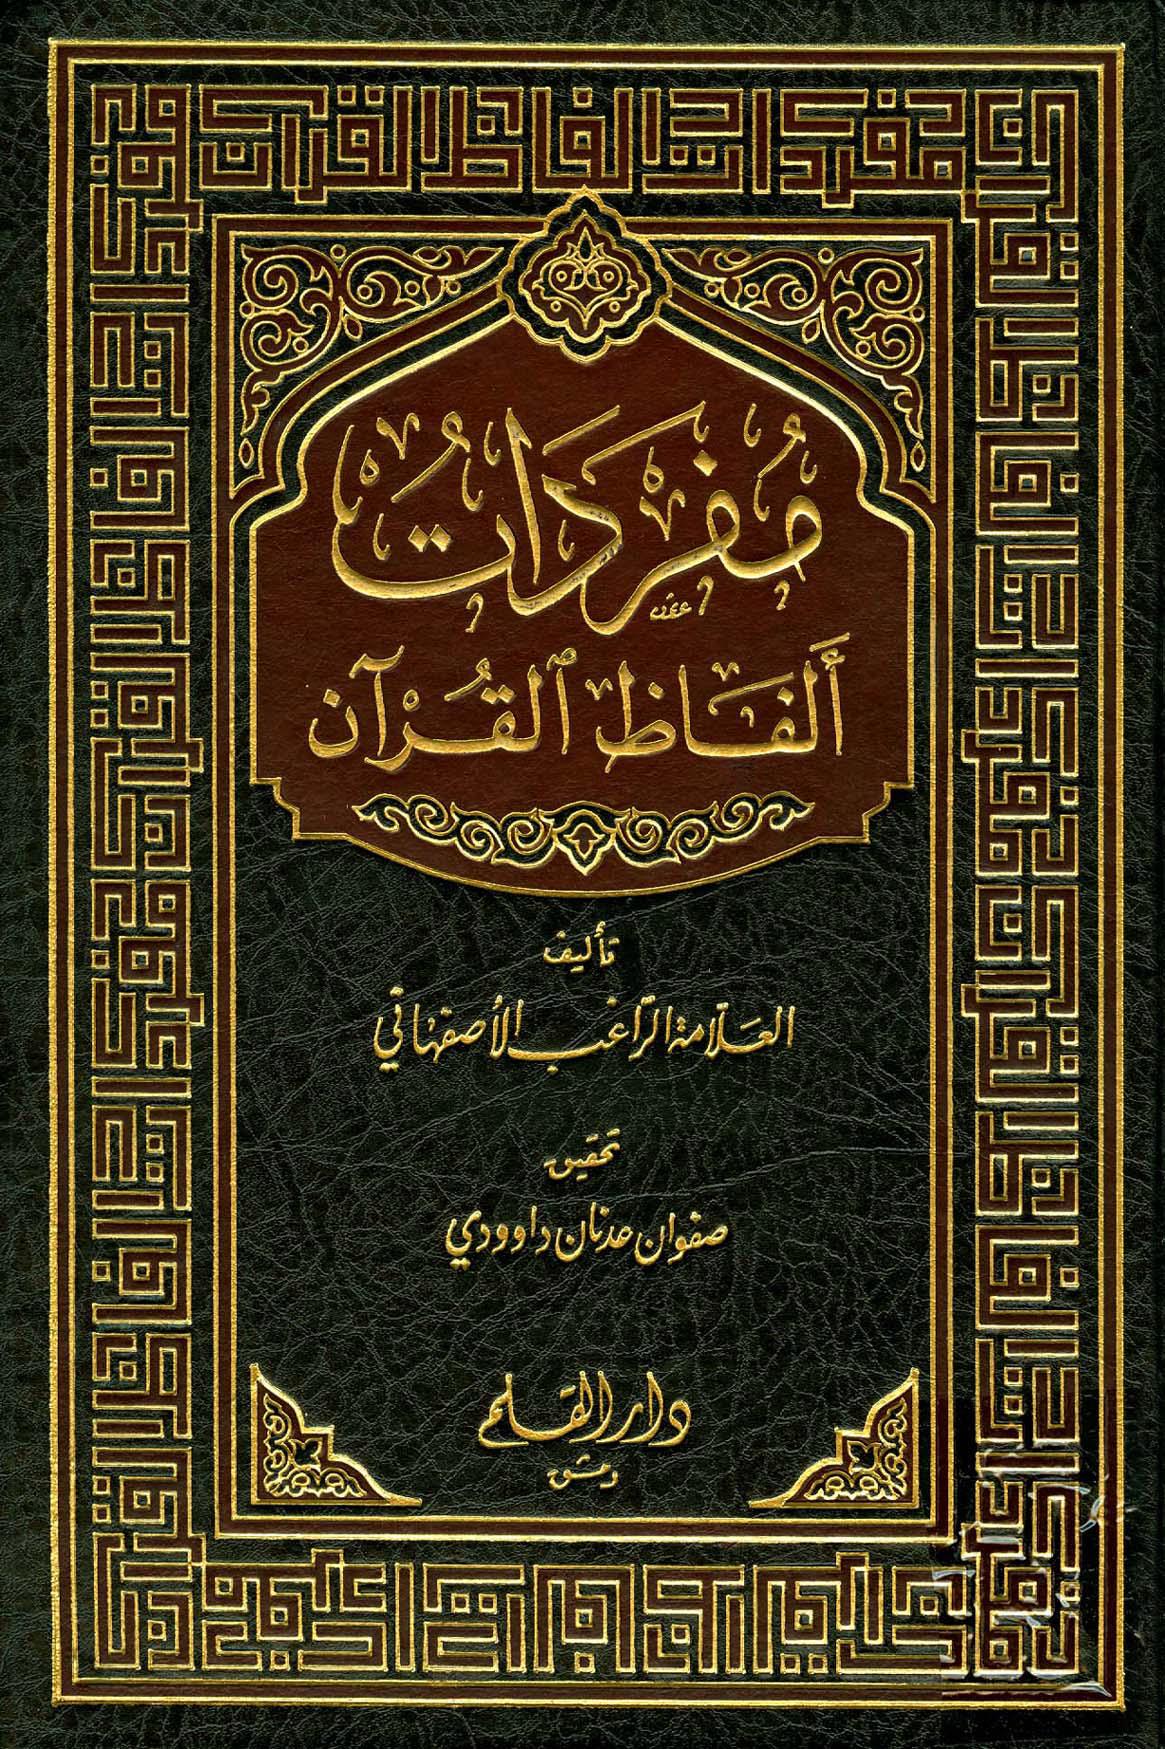 تحميل كتاب مفردات ألفاظ القرآن لـِ: الإمام أبو القاسم الحسين بن محمد، المعروف بالراغب الأصفهاني (ت 502)